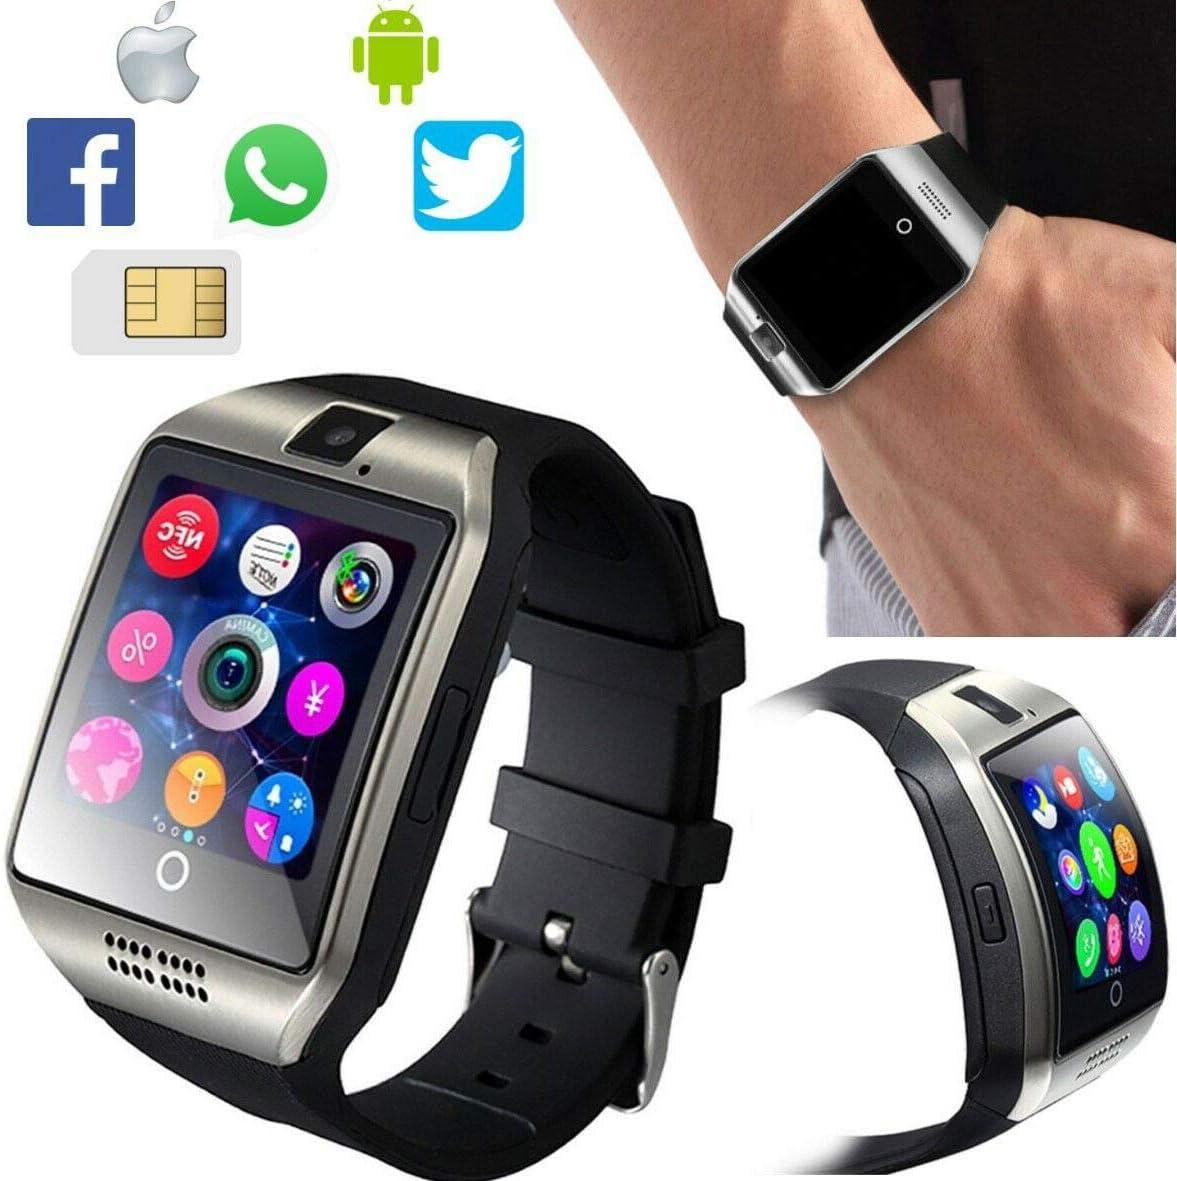 Dobo Q18 - Reloj inteligente Bluetooth impermeable para smartphone Android iOS, correa negra, control táctil, alerta de llamadas, SMS, pantalla táctil, sincronización de llamadas, notificaciones, aplicaciones de cámara, sistema antipérdida, compatible con